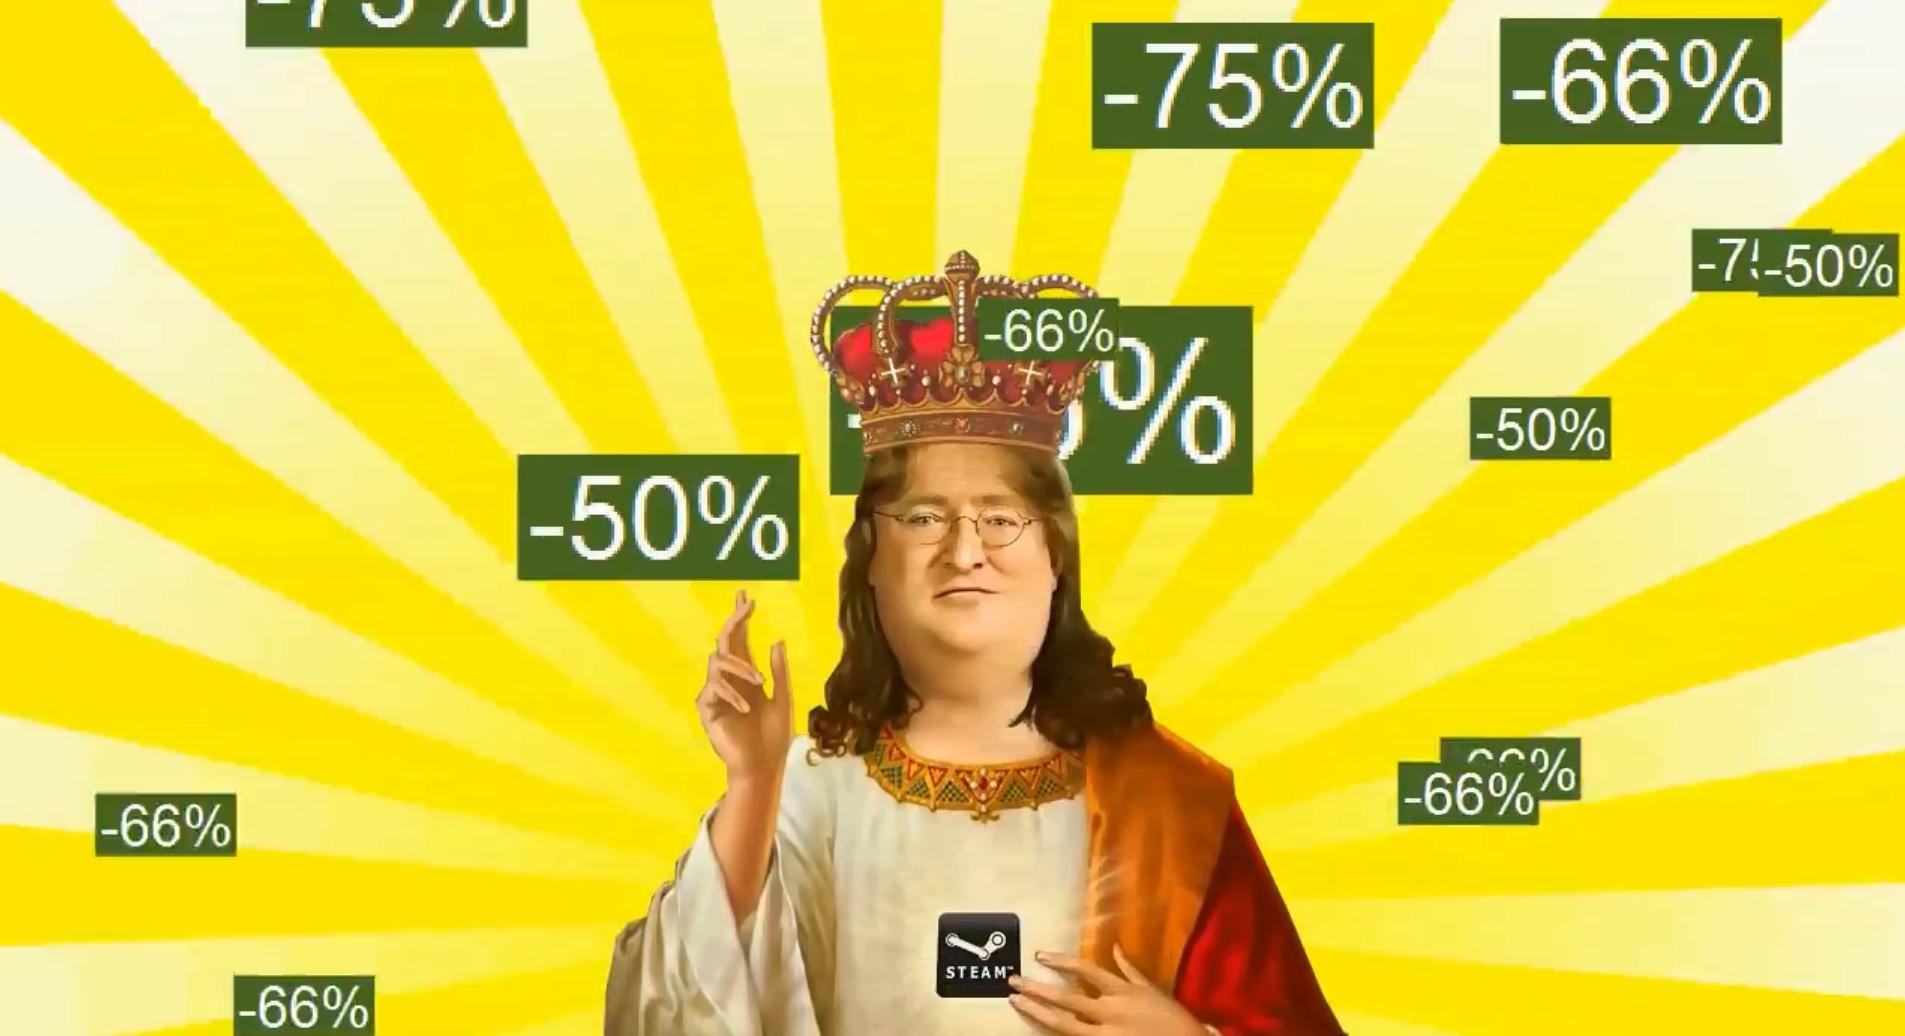 Como siempre, la bendición de Gabe Newell parece haber ayudado a que las ofertas de invierno de Steam sean un éxito.